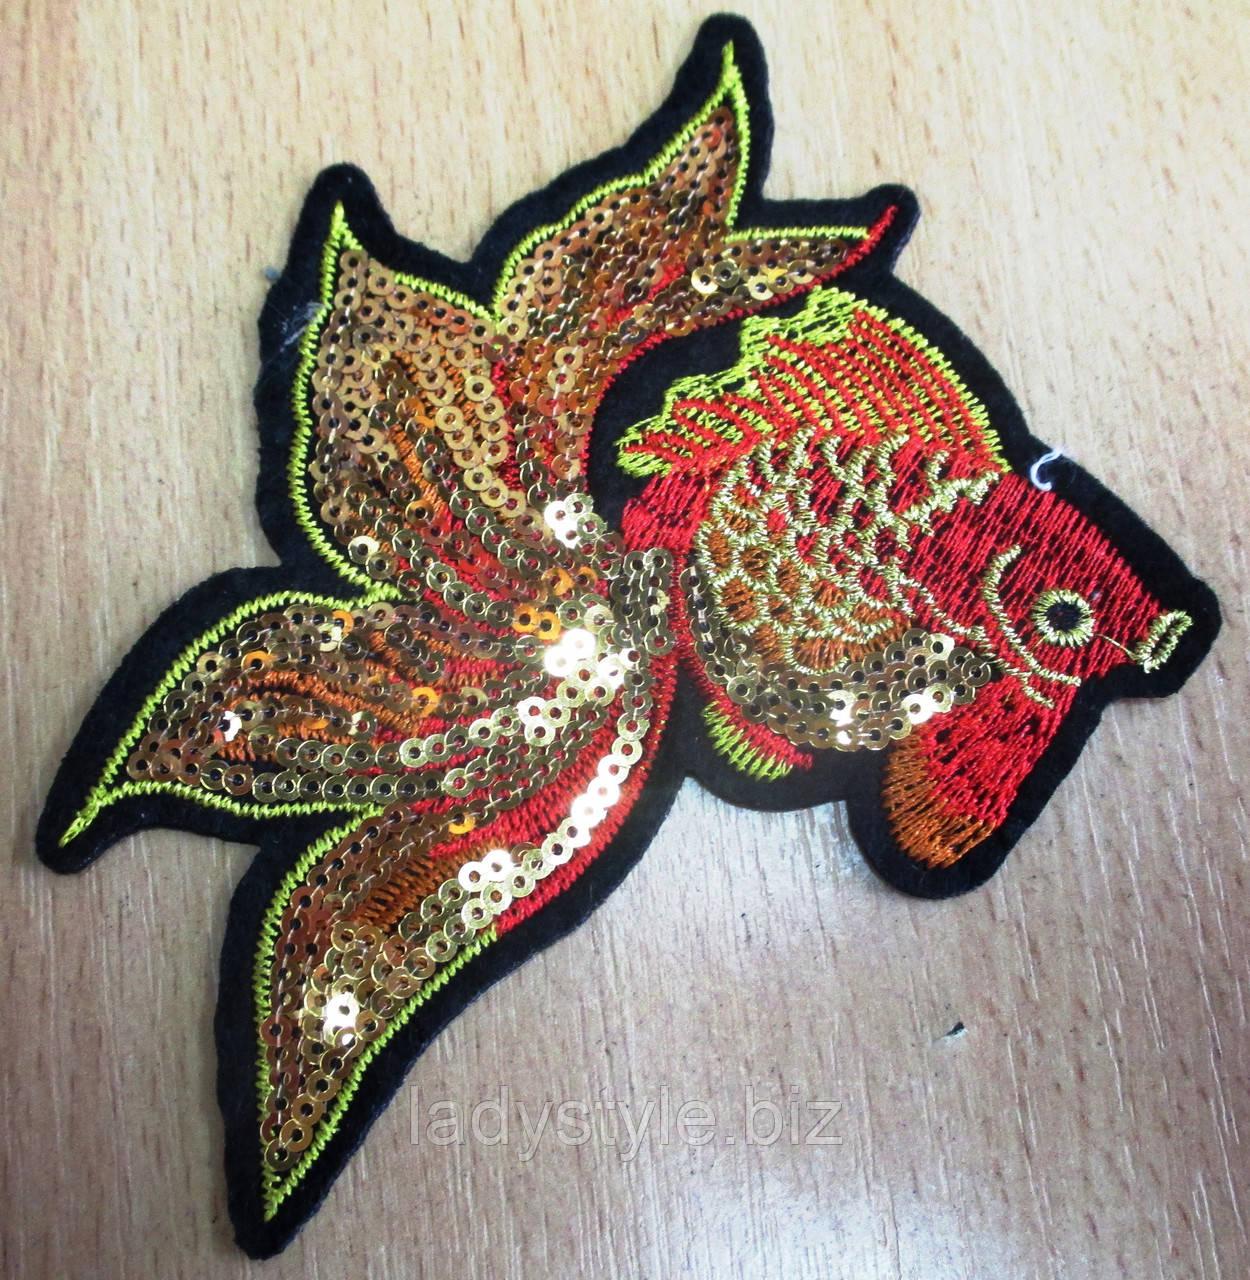 """Красивая  вышивка """"Золотая рыбка"""" от студии LadyStyle.Biz"""